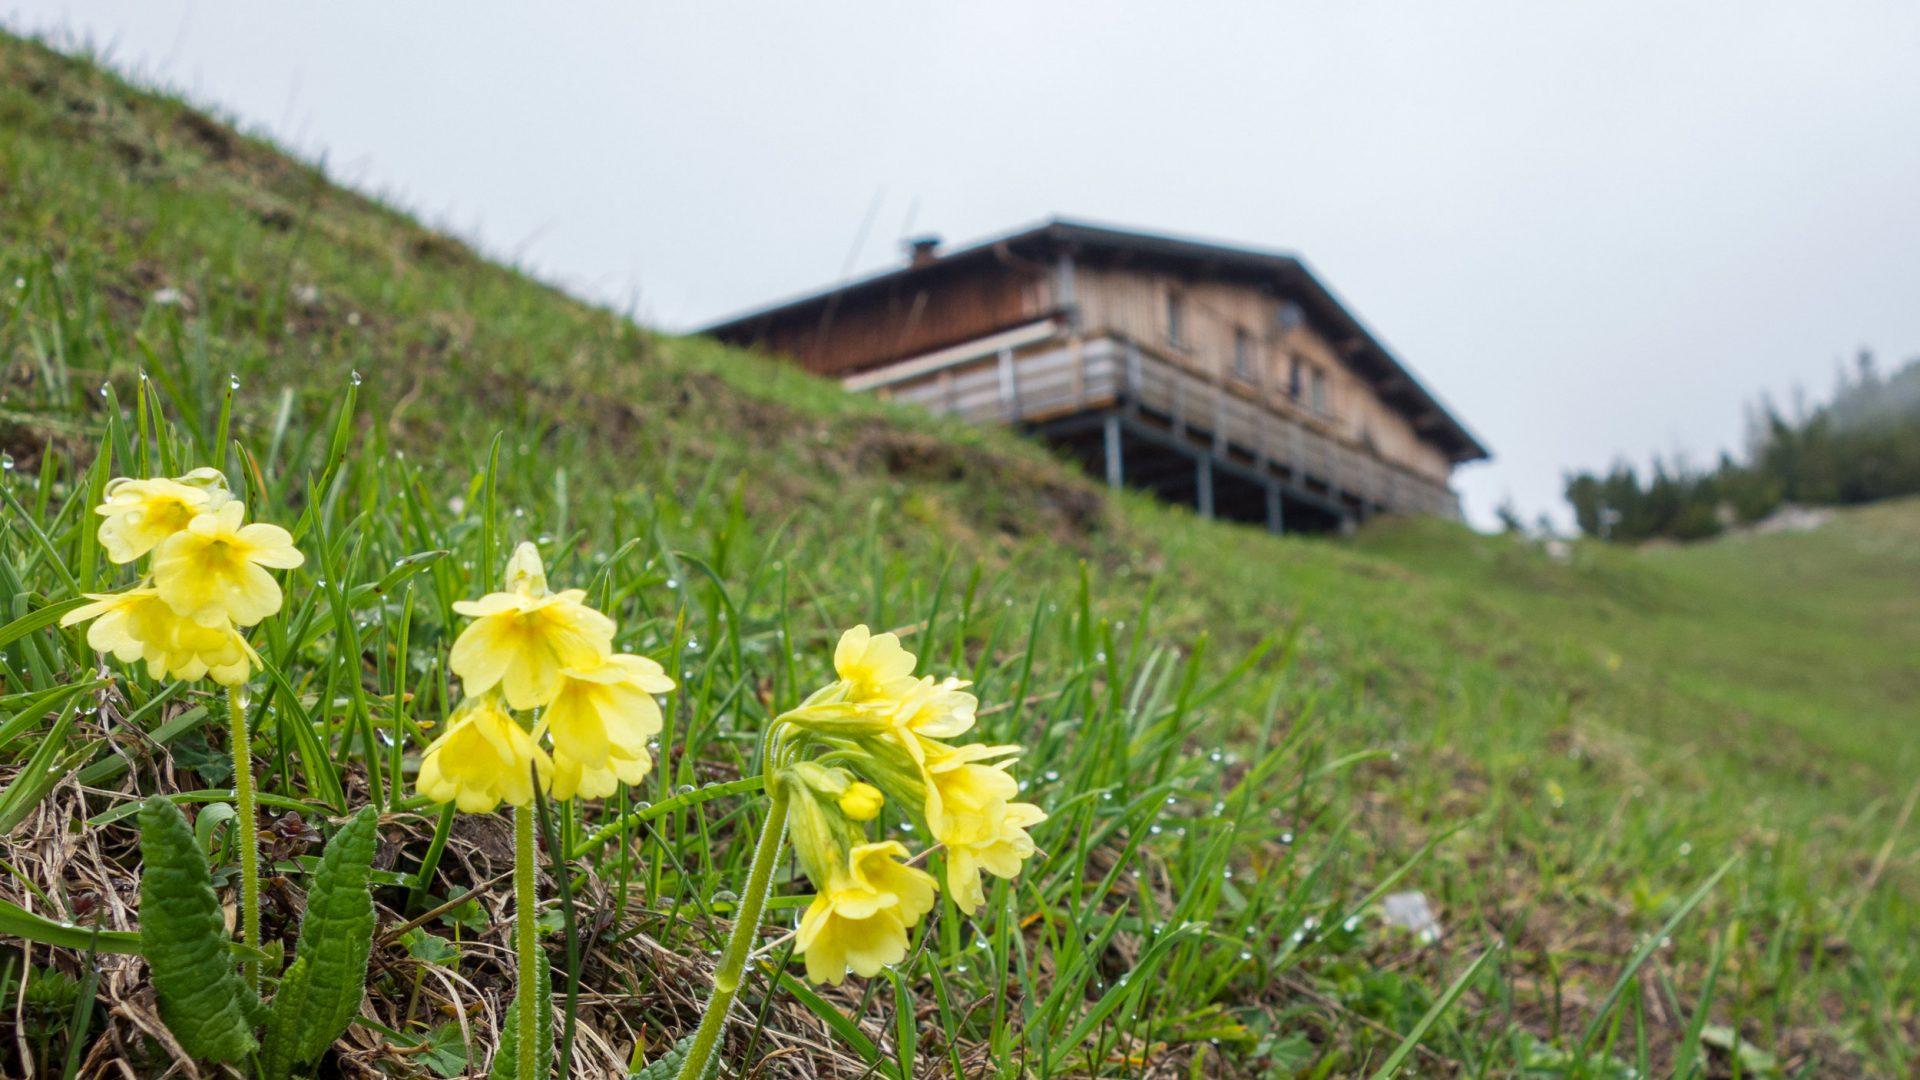 wandern-frassenhuette-muttersberg-bludenz-fruehling-blumen-himmelschluessel-arb © Verena Hetzenauer / Vorarlberg Tourismus